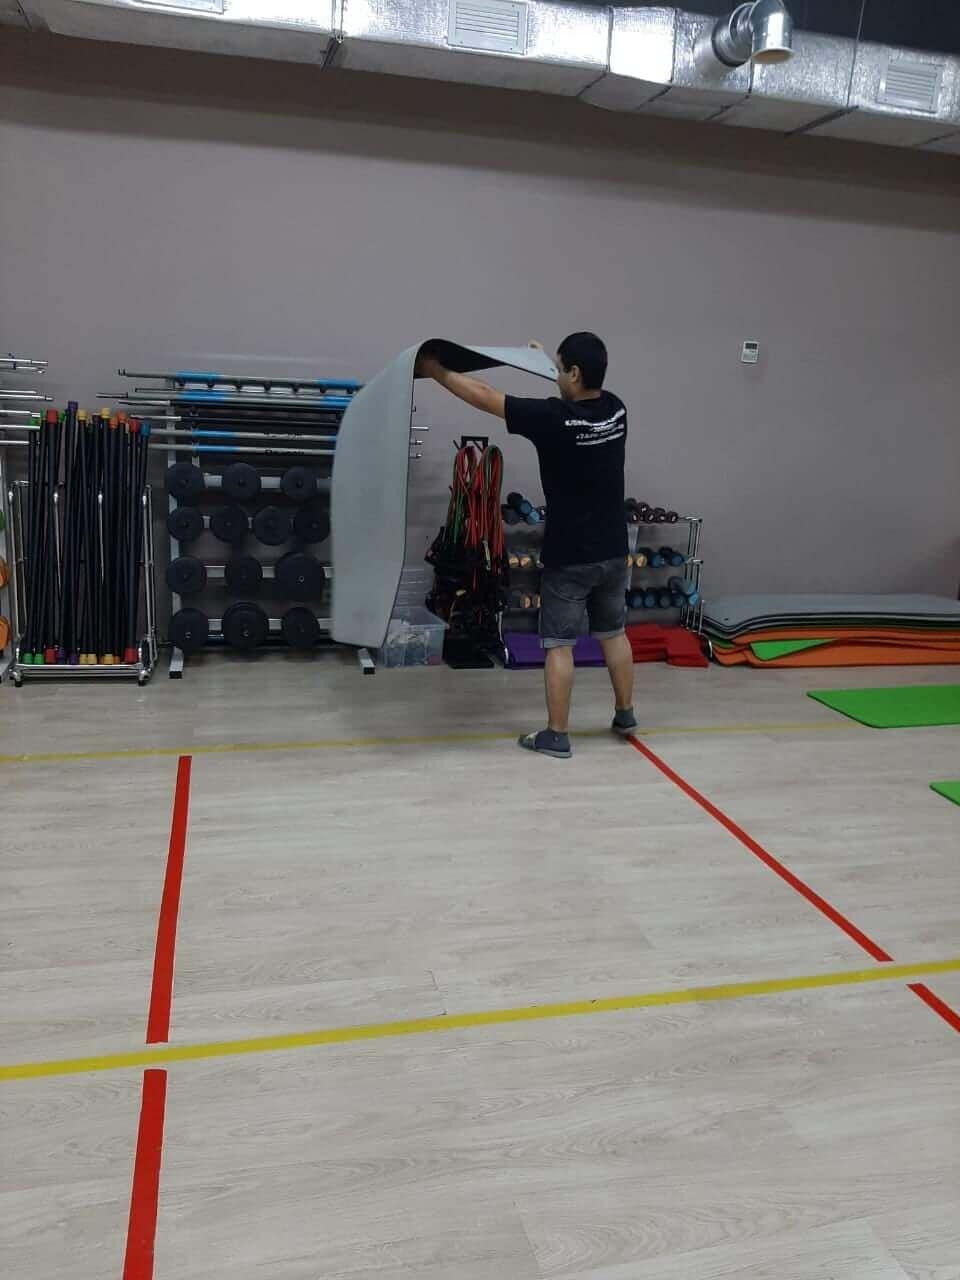 Человек чистит спортивный мат в спортзале